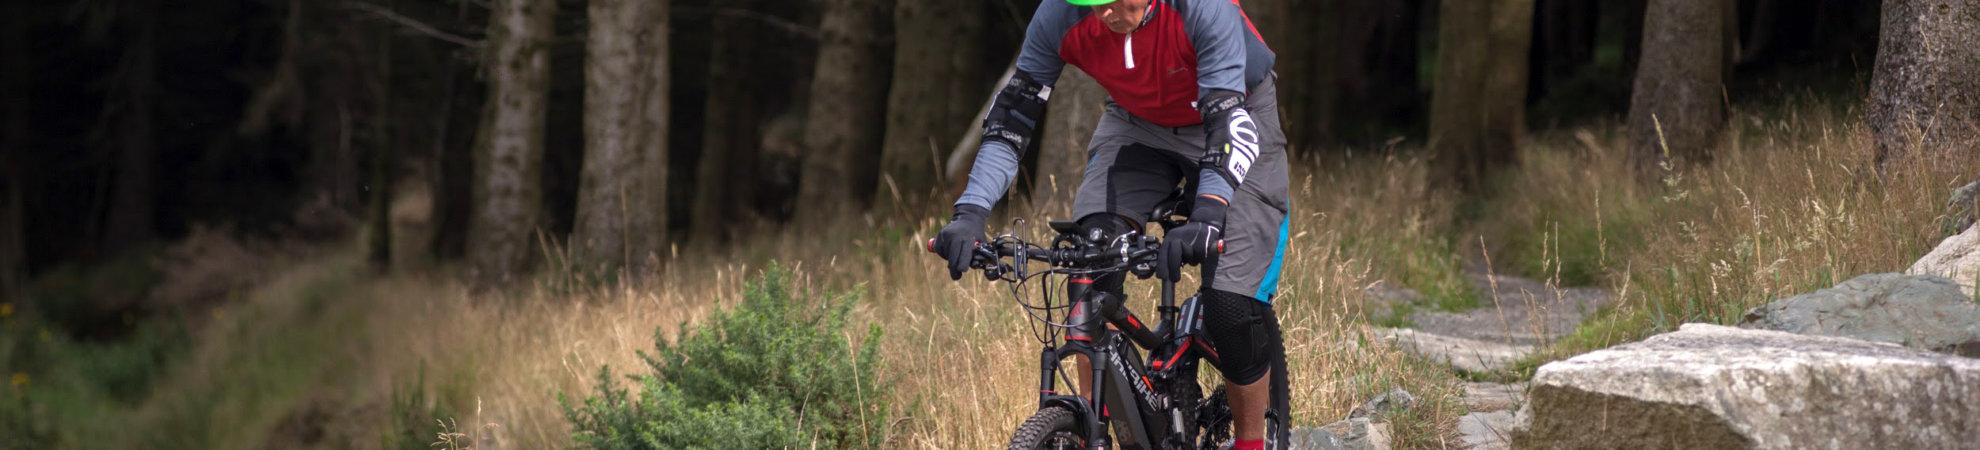 E-bike routes